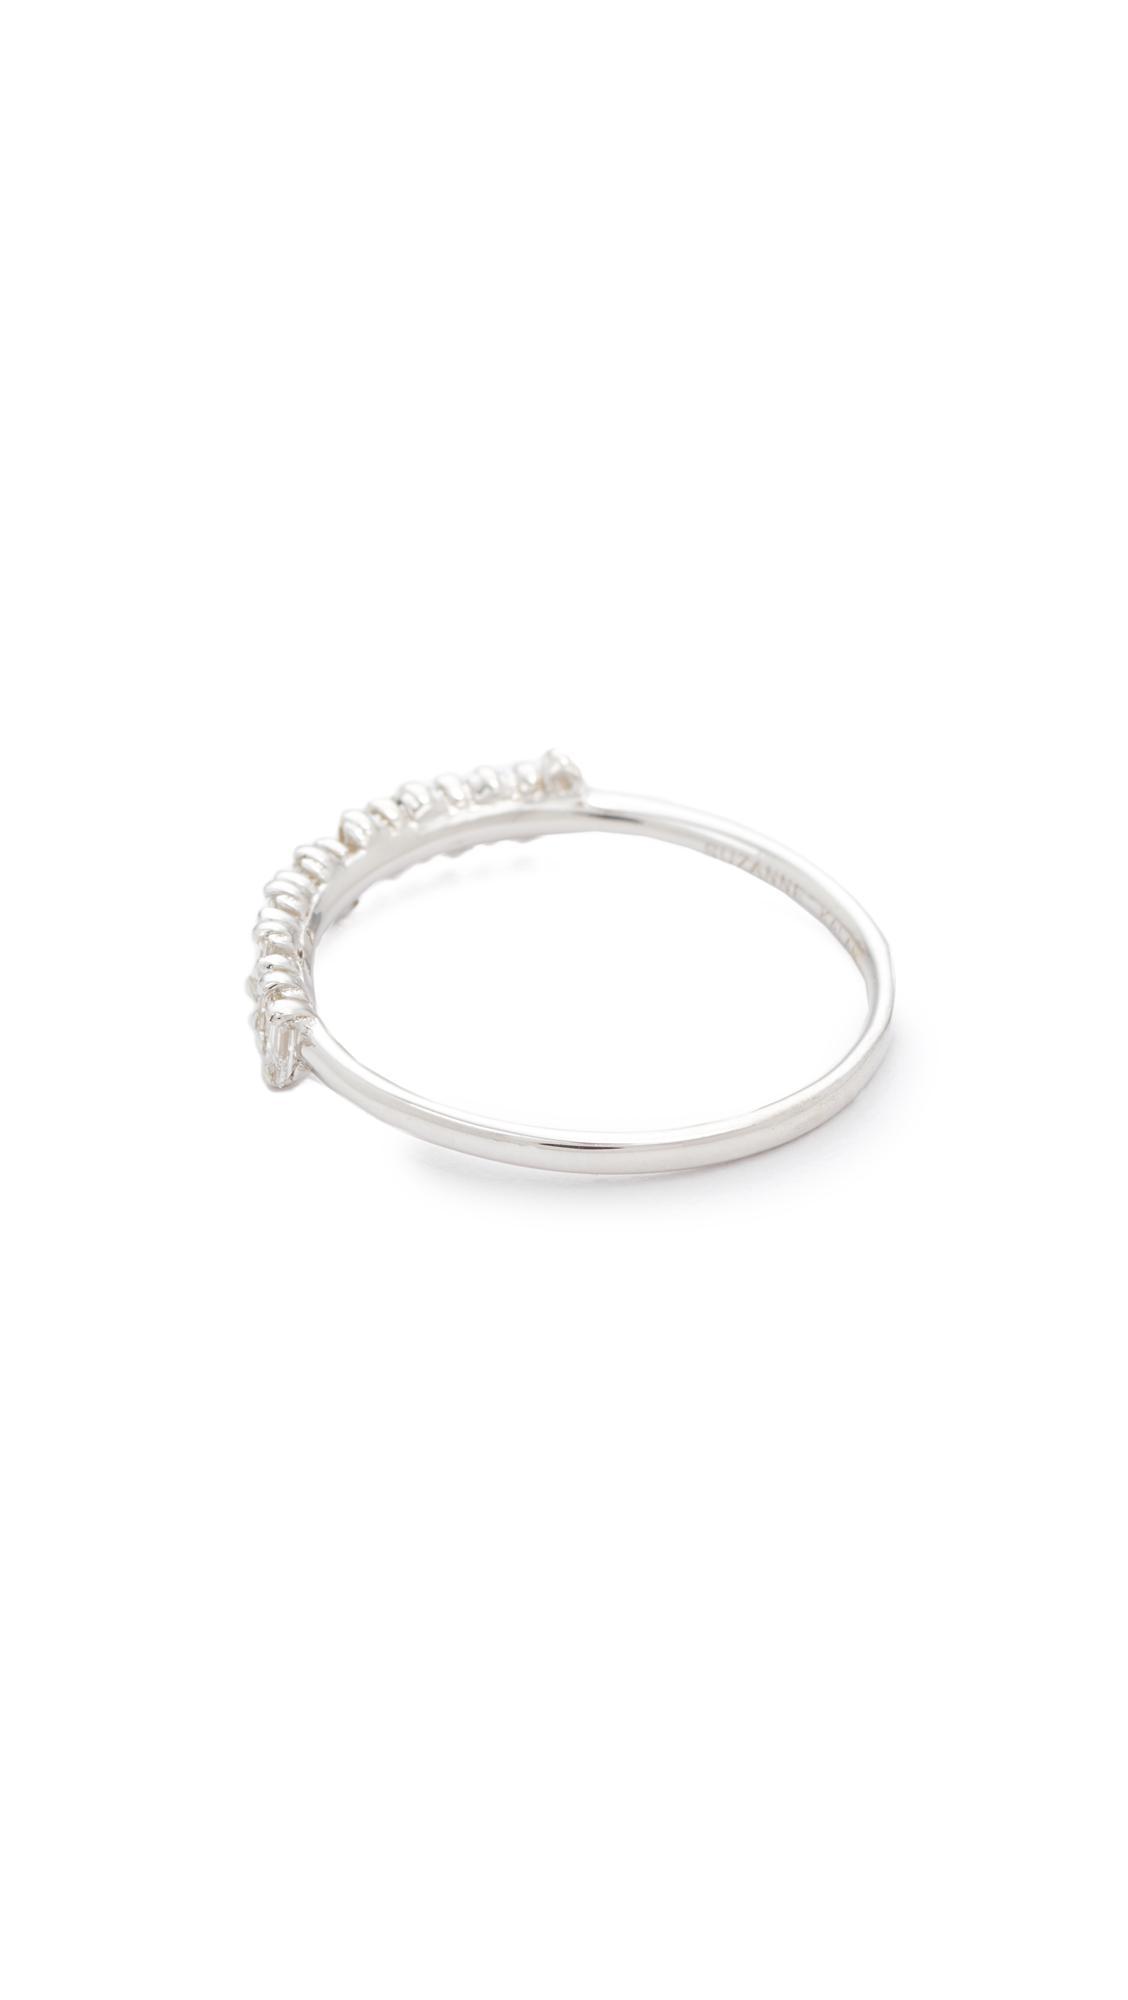 Suzanne Kalan 18k Fireworks Gold Diamond Half Band Ring in White Gold (Metallic)